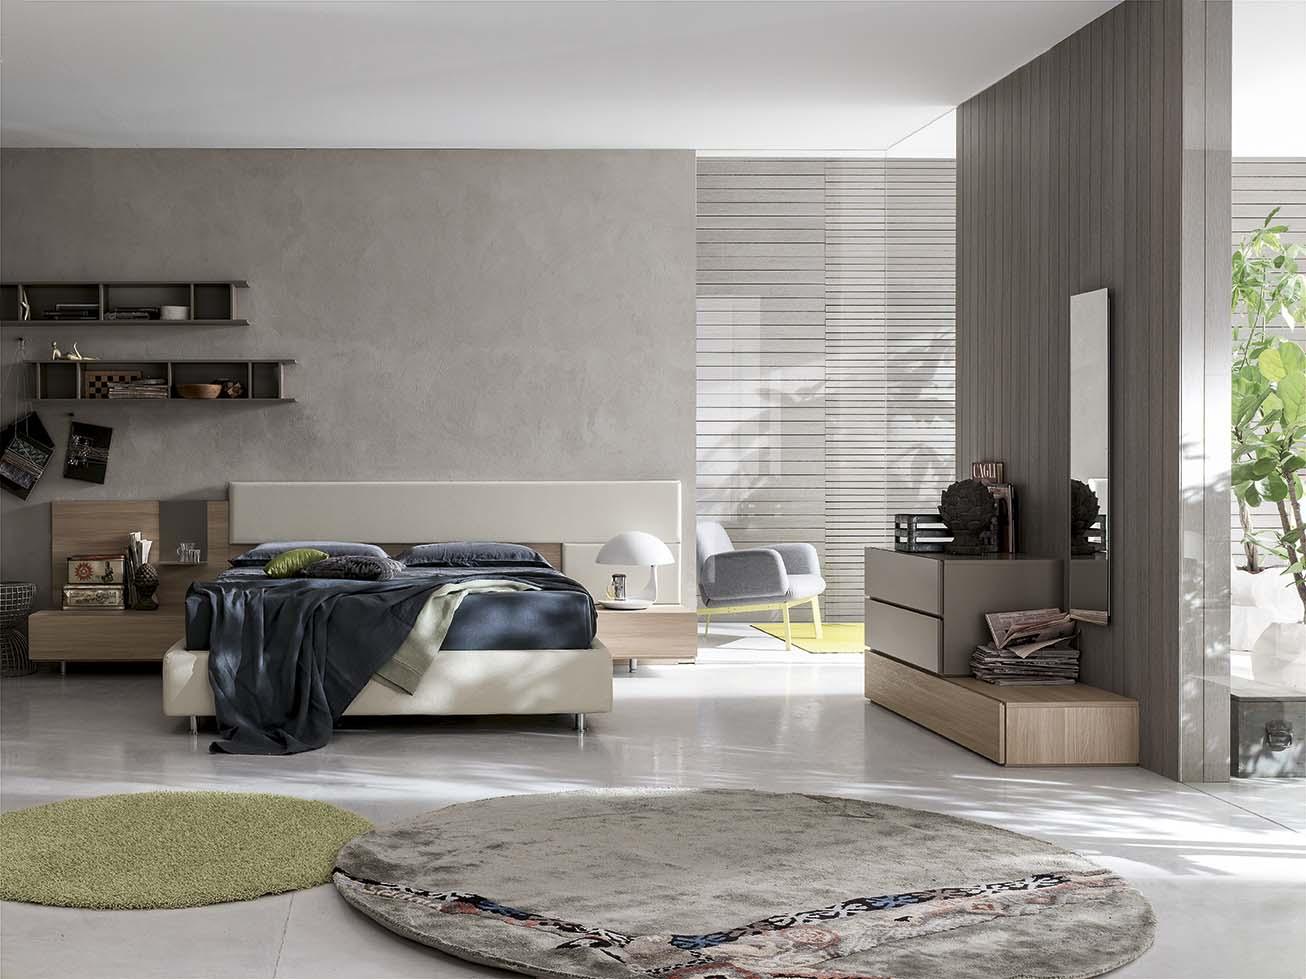 Camere da letto santa lucia arredo spazio casa - Camera da letto componibile ...